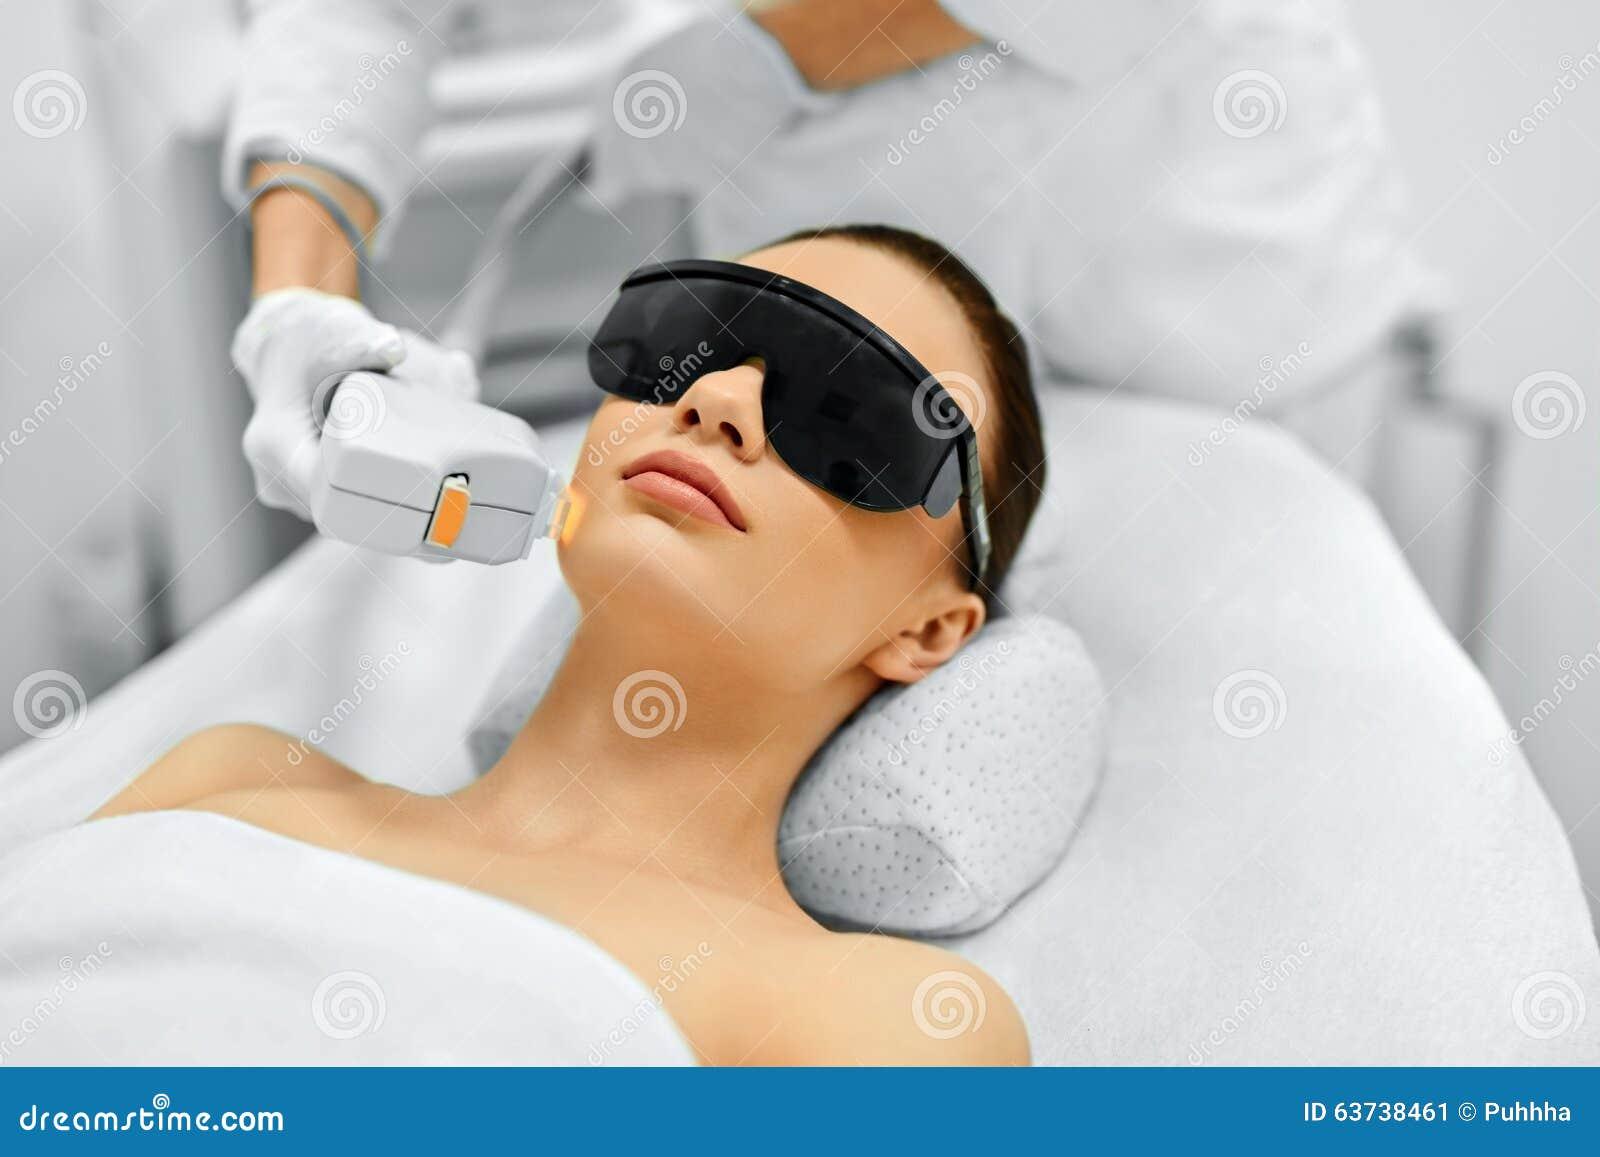 прикладывать политуру кожи внимательности прозрачную Косметика стороны IPL Терапия ухода за лицом фото ans